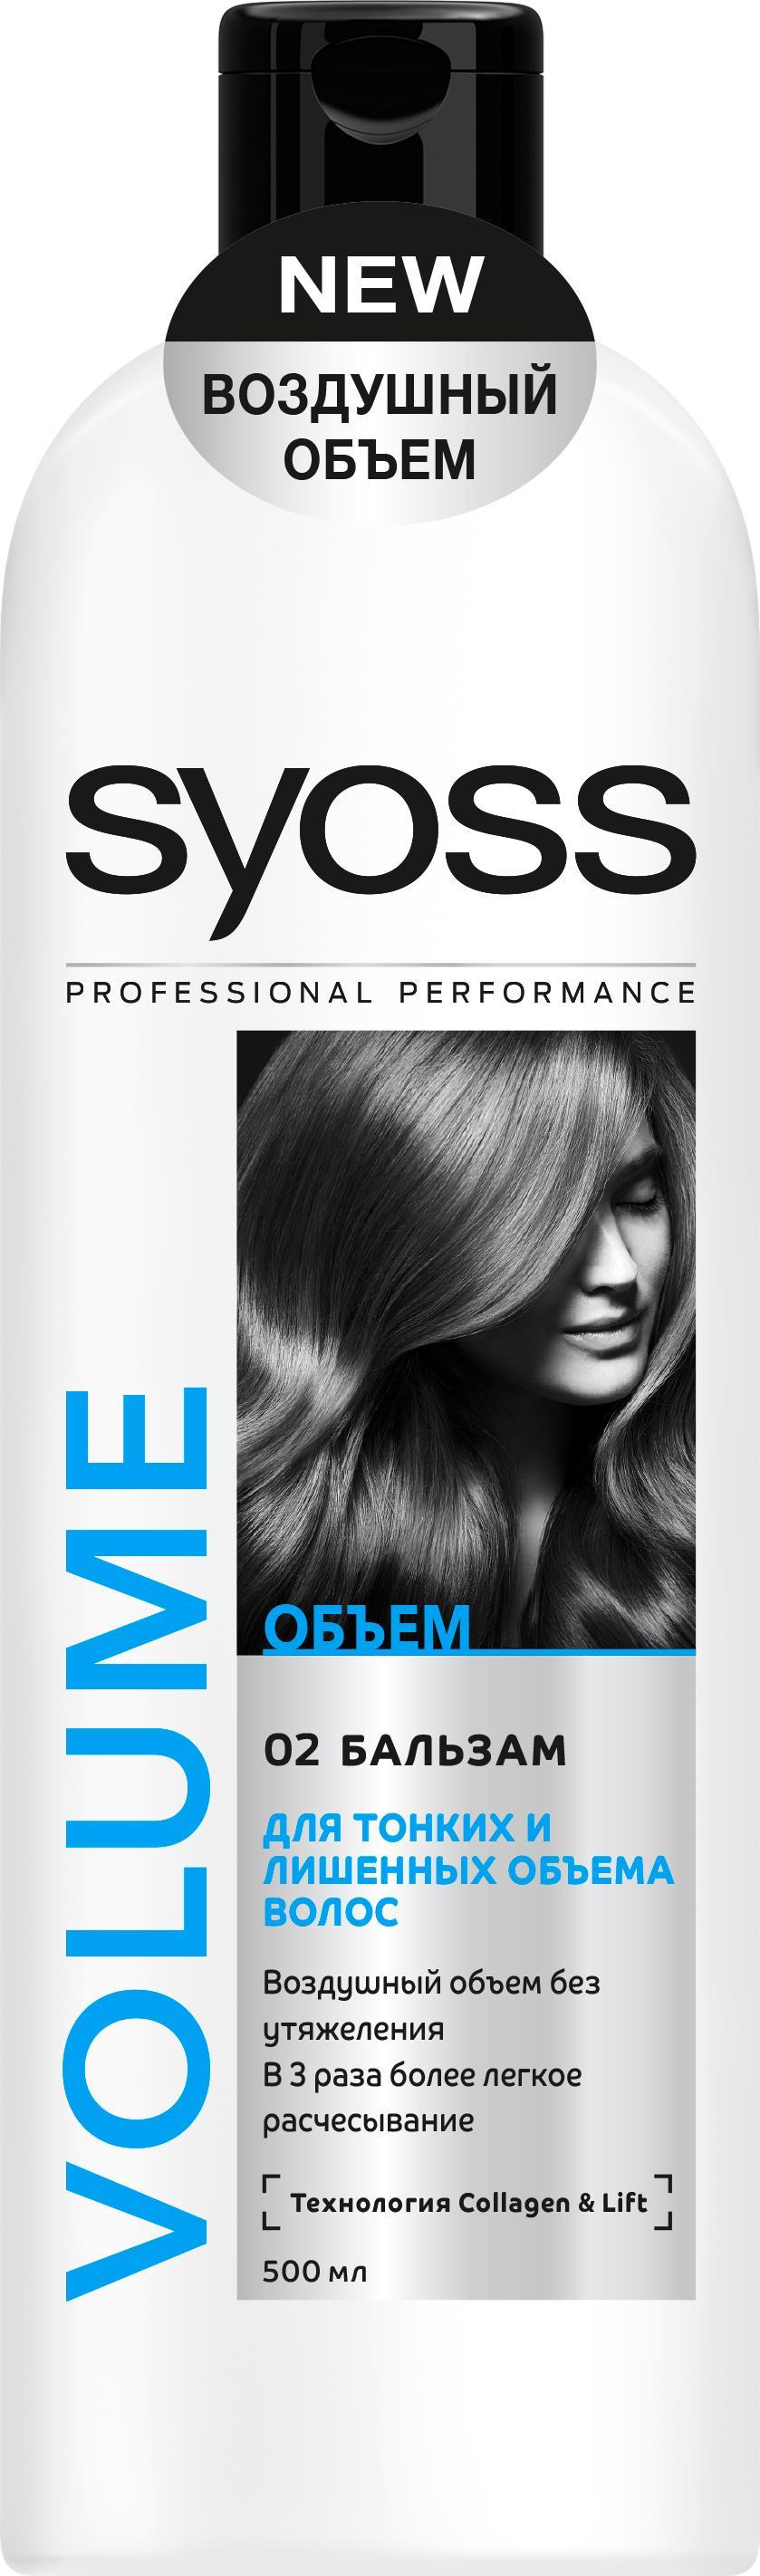 Syoss Бальзам Volume Lift, для тонких, ослабленных волос, 500 мл линия средств по уходу за волосами